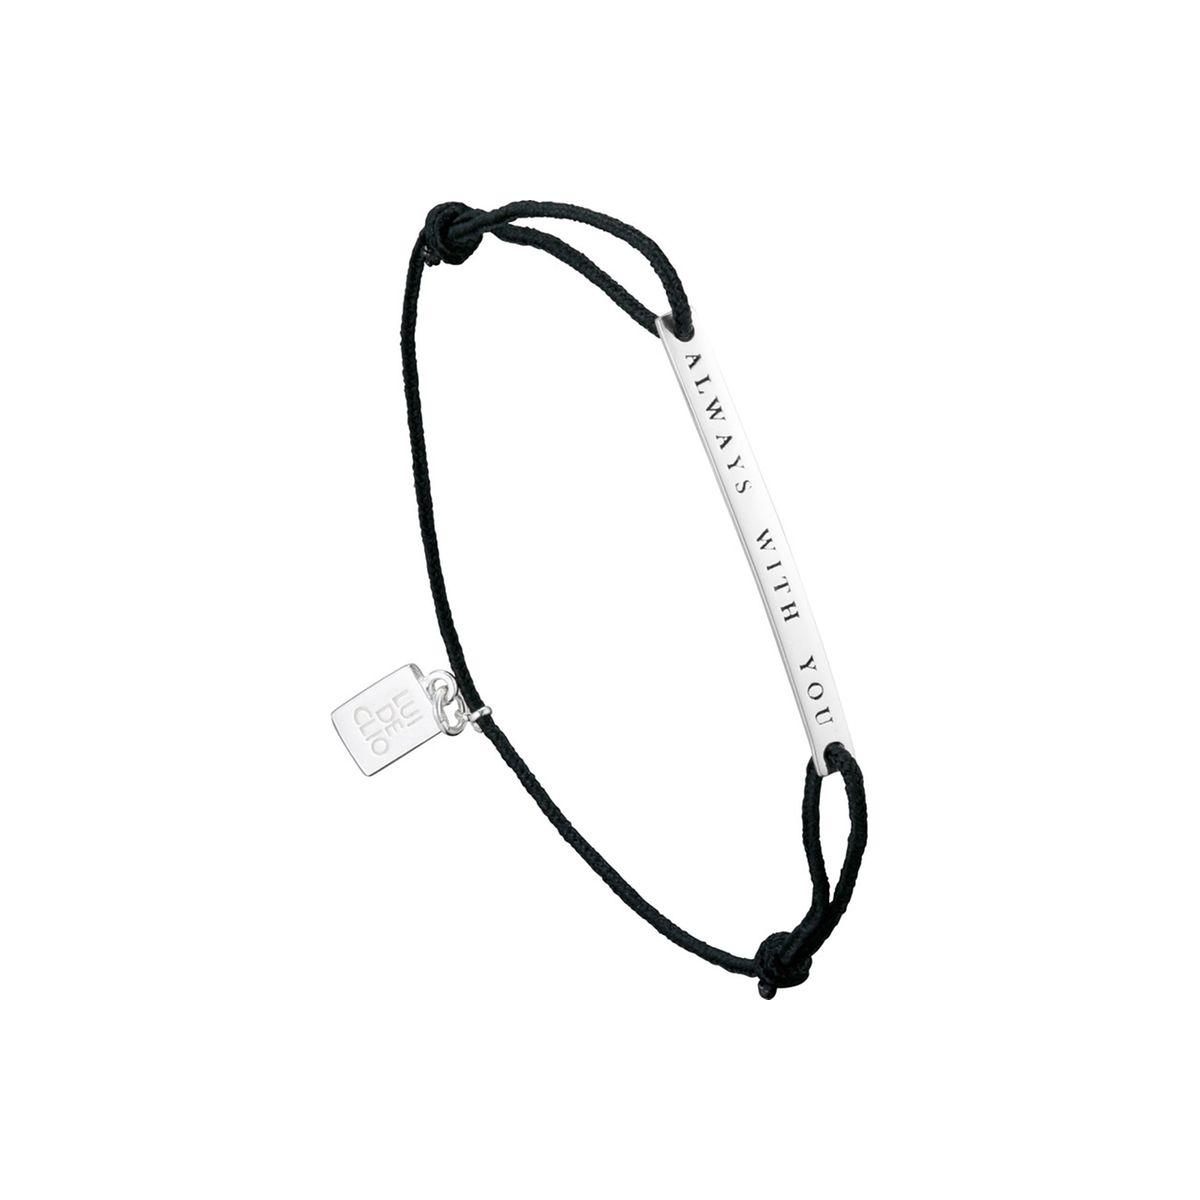 Bracelet cordon 'Always with you' Lui de Clio en argent 925, 1.8g